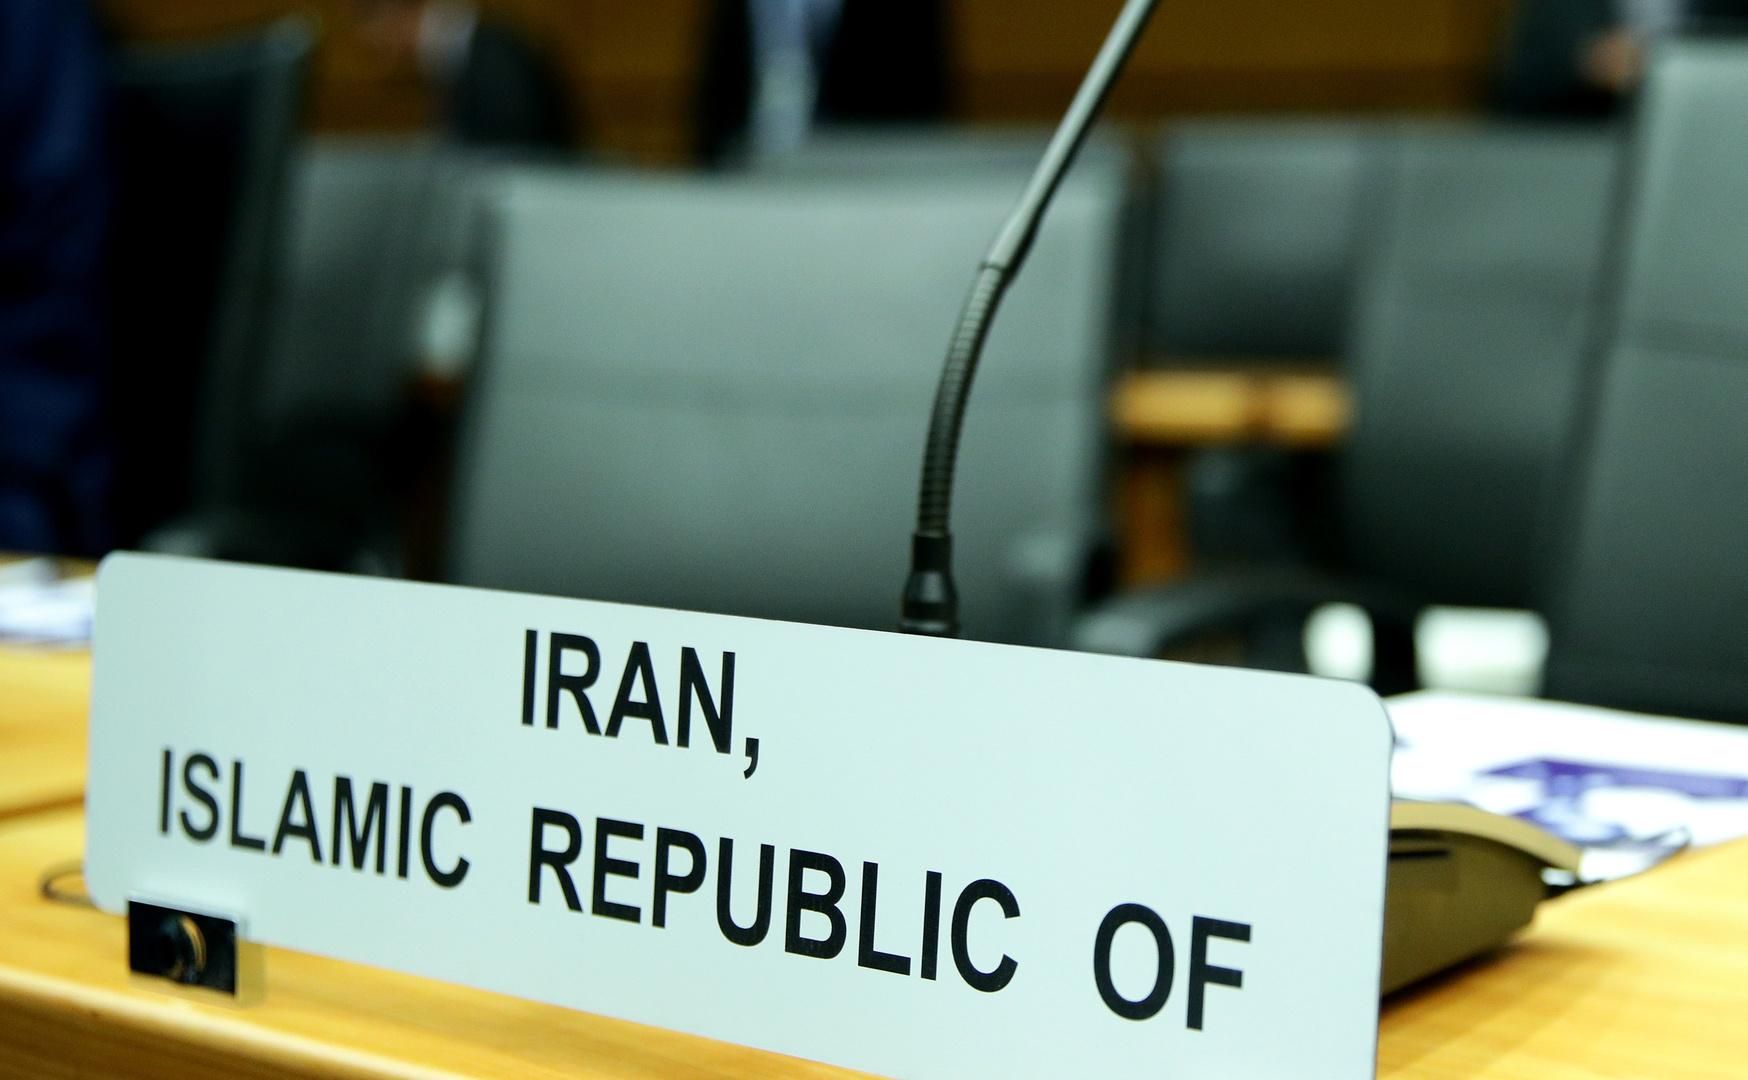 إيران: السعودية جادة في محادثاتها معنا وتبنت نهجا جديدا